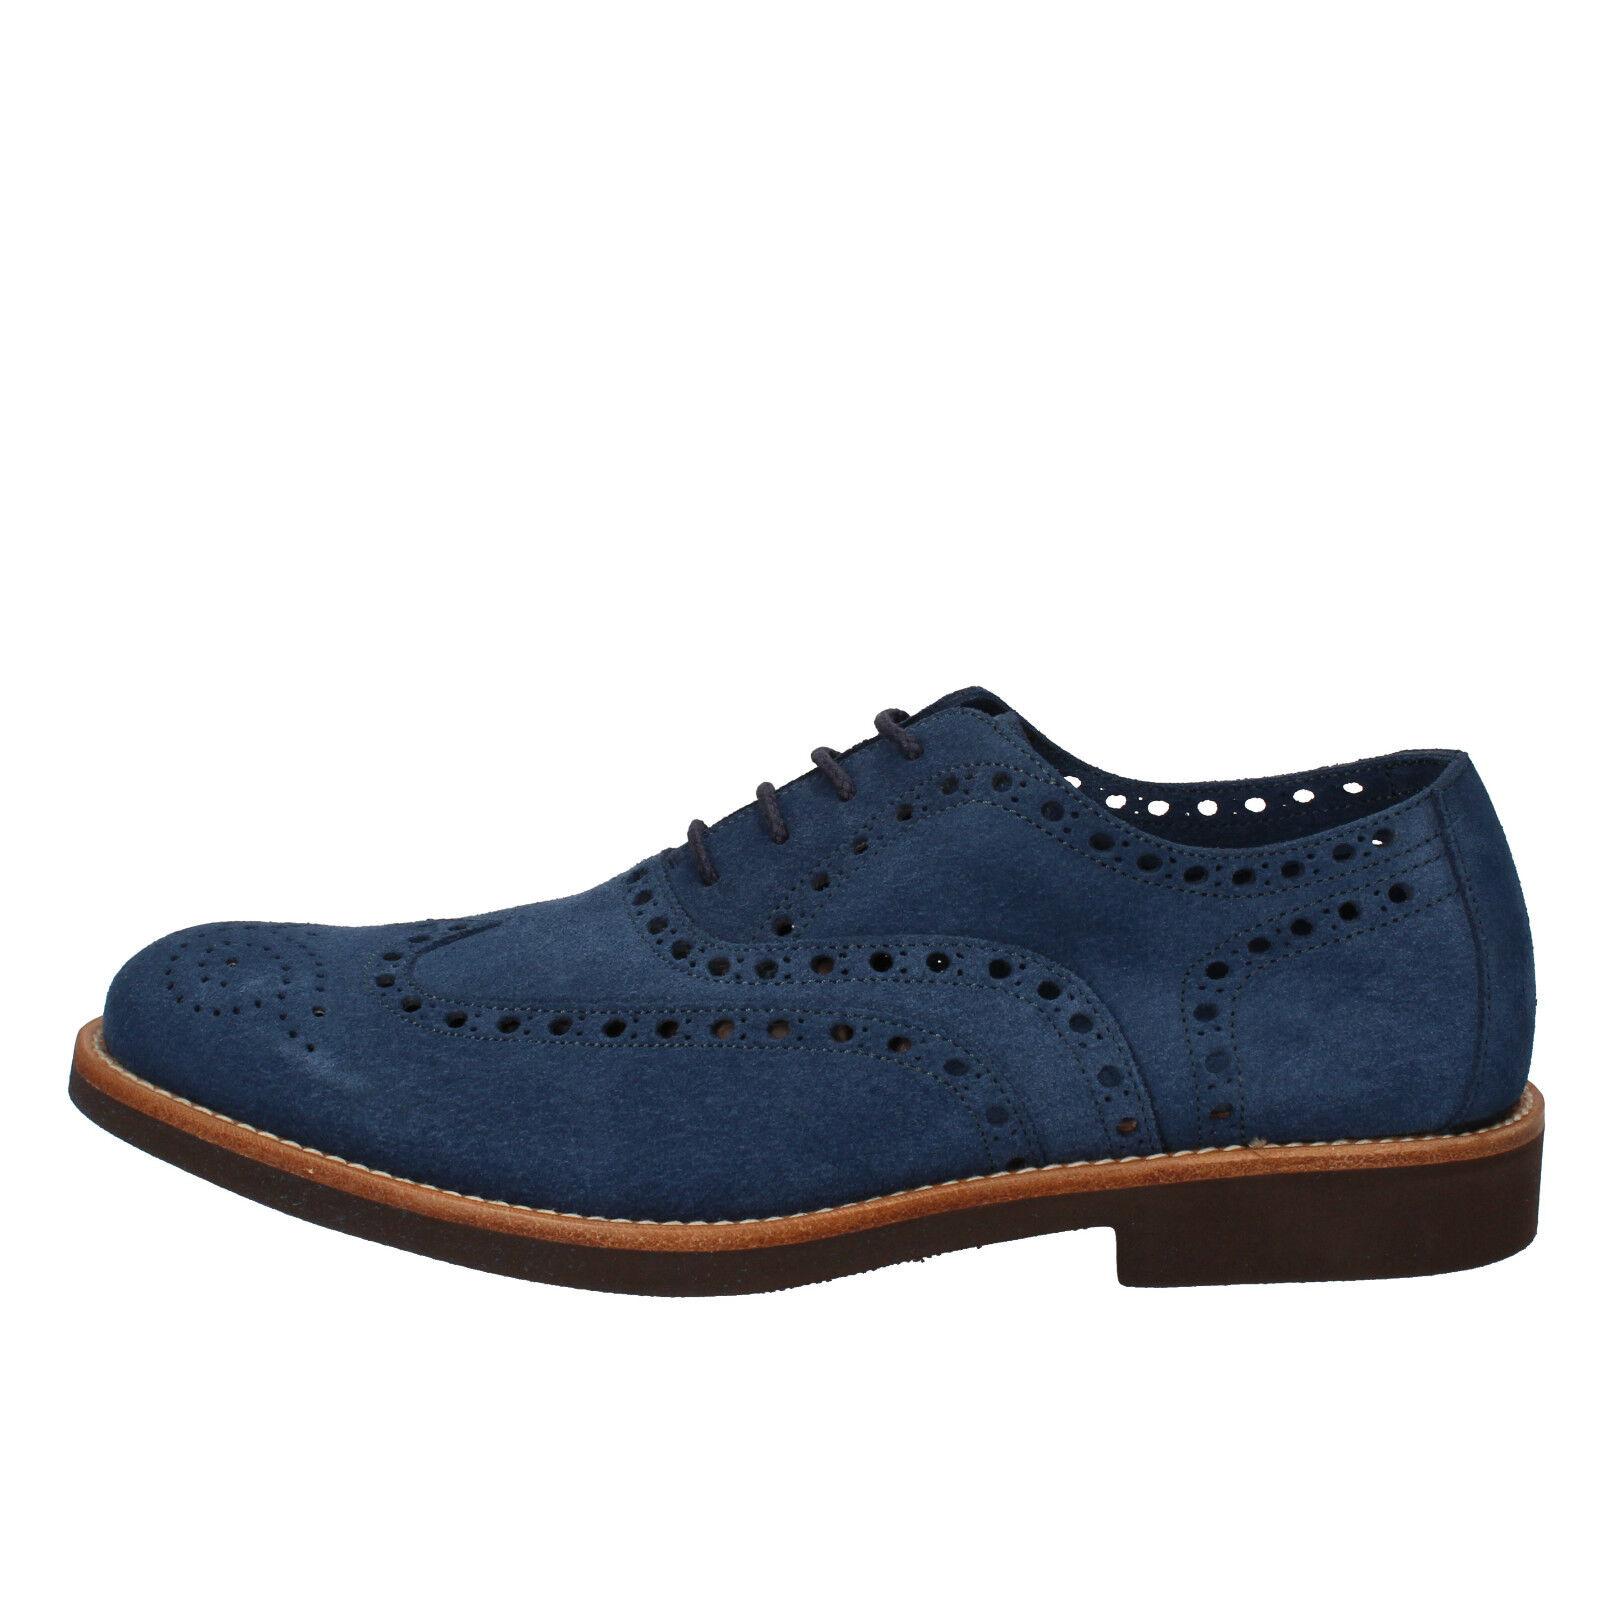 Scarpe da Uomo Di Mella 40,5 elegante blu camoscio ad236-c